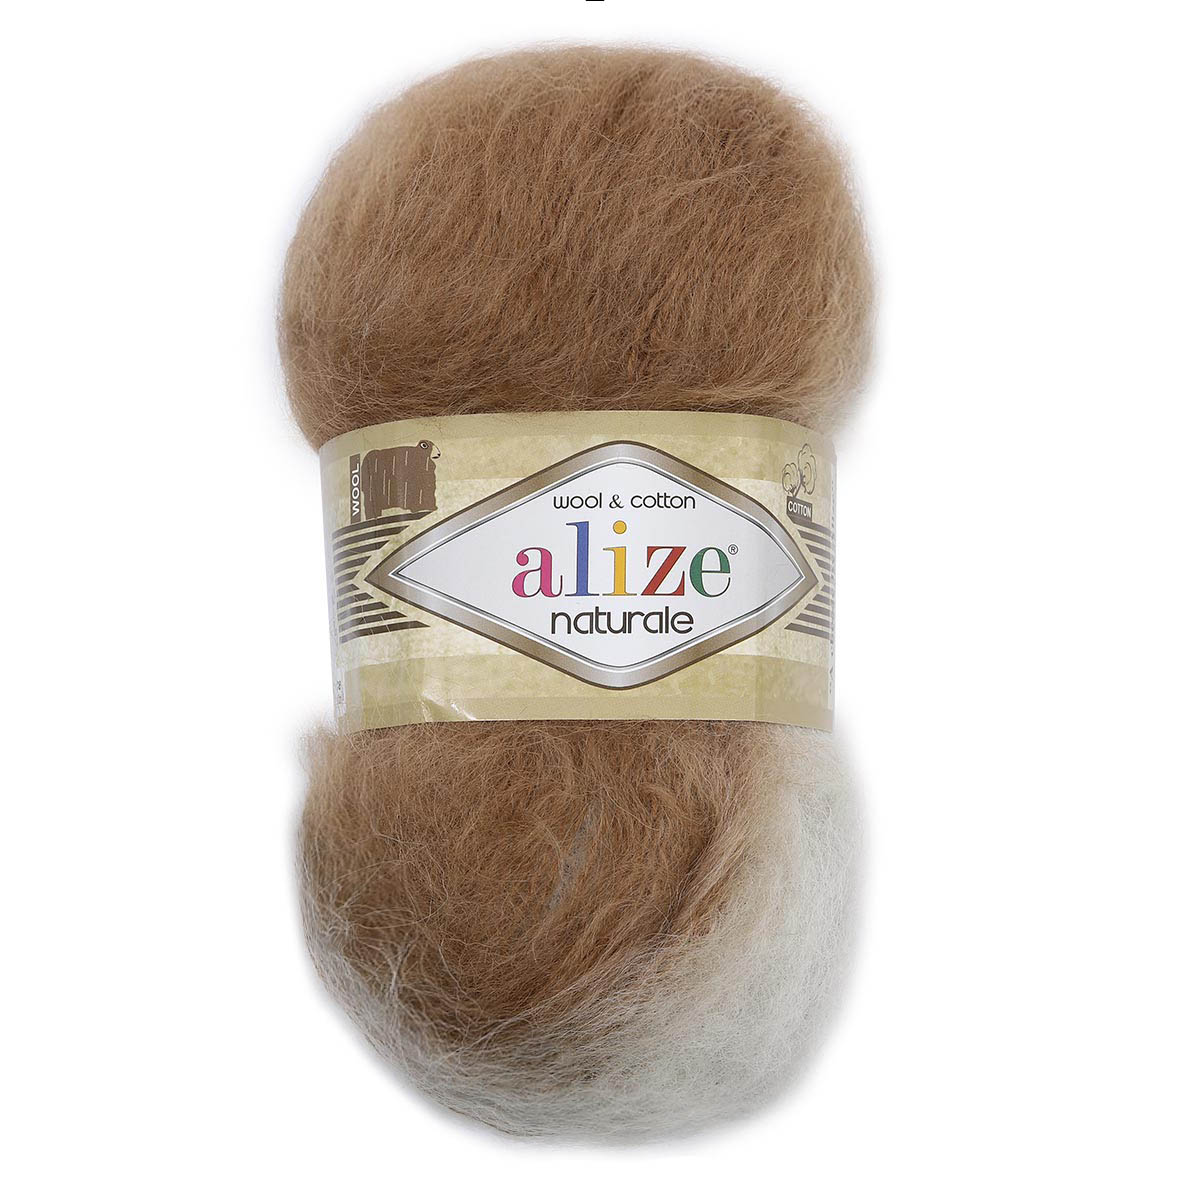 Пряжа ALIZE 'Naturale Batik' 100гр. 230м. (60% шерсть, 40% хлопок) ТУ (5916 секционный) фото